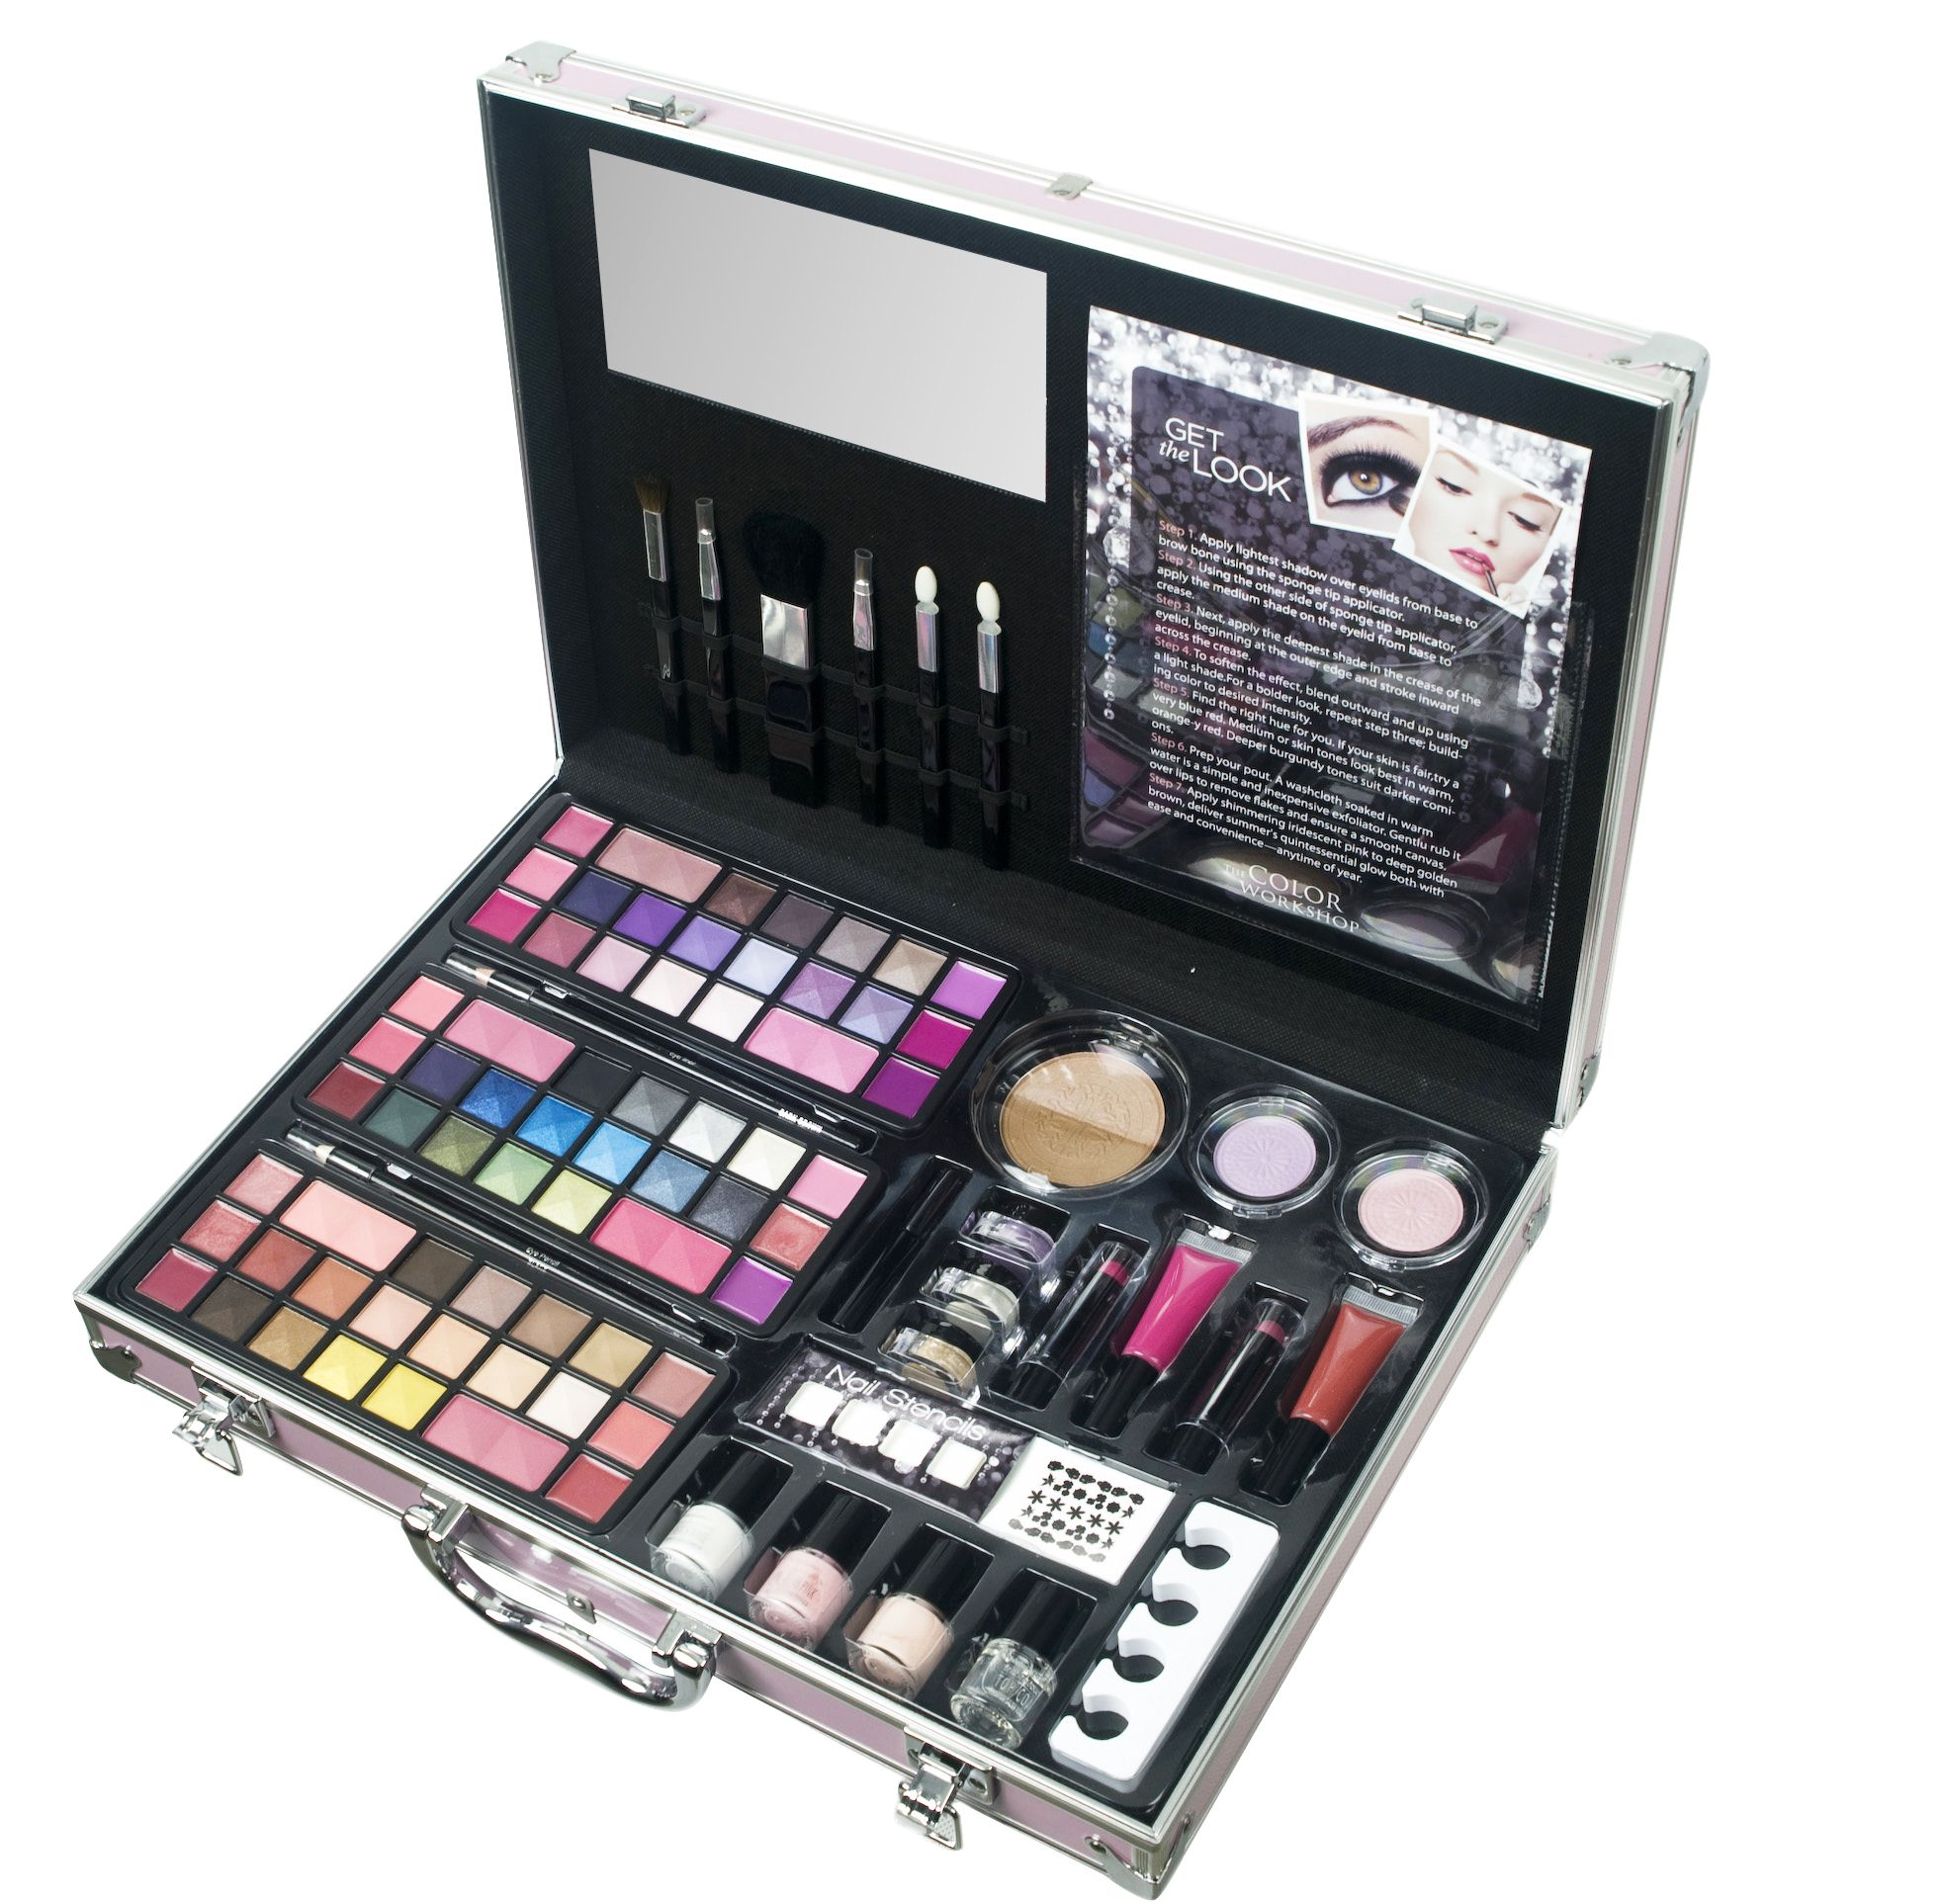 Makeup Thecolorworkshop Makeup Set Makeup Gift Sets Kids Makeup